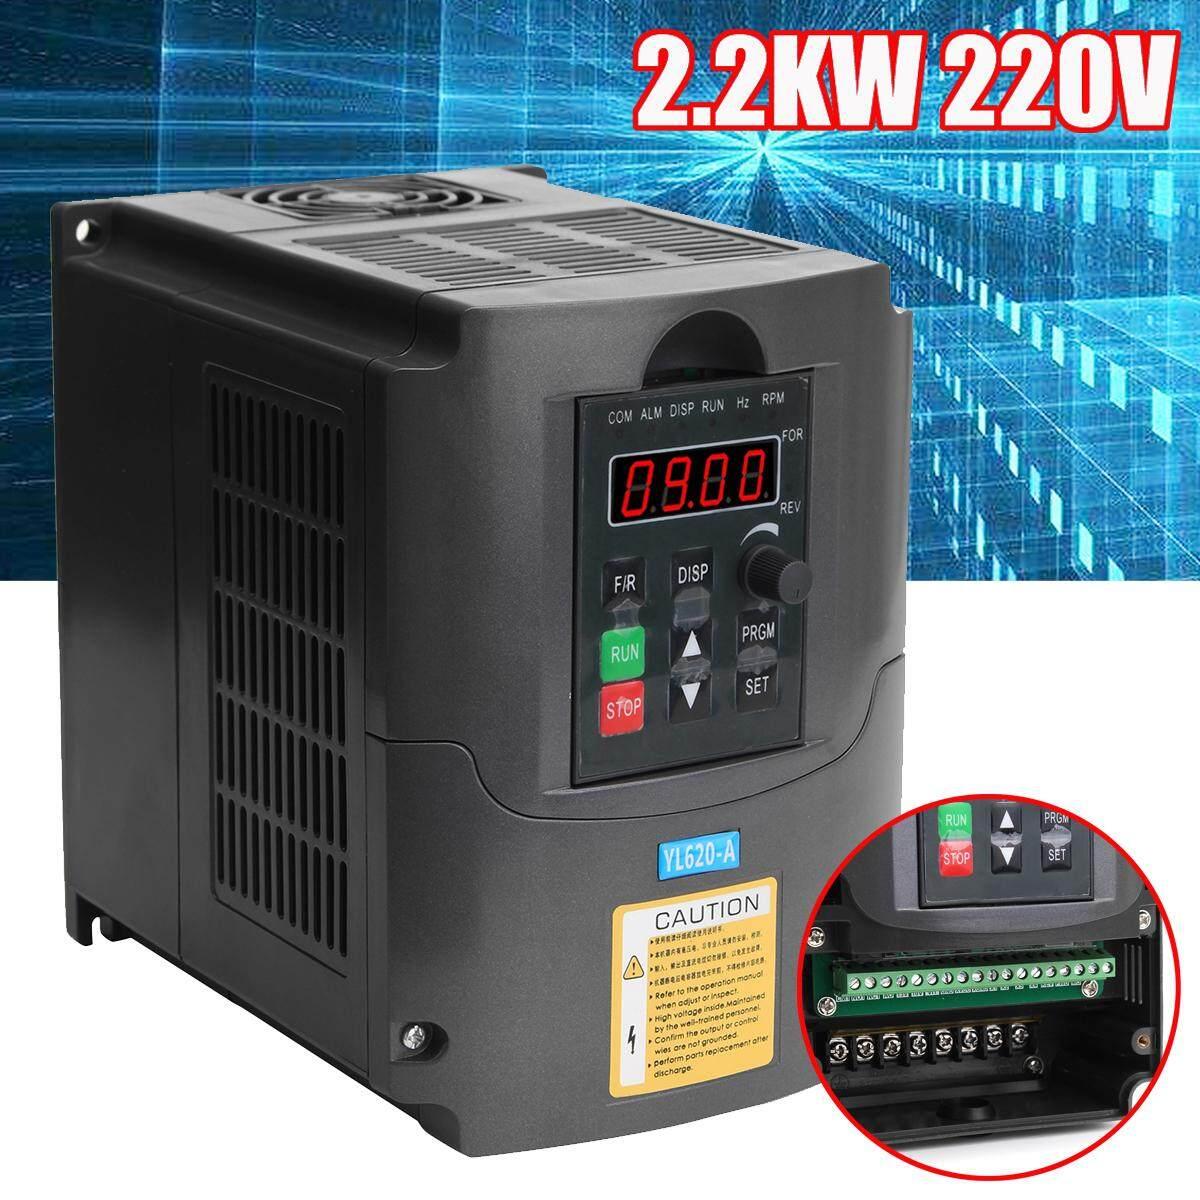 2.2KW 1PH Variabel Vector Frequency Drive Kecepatan Inverter Motor Konverter Kontrol-Intl